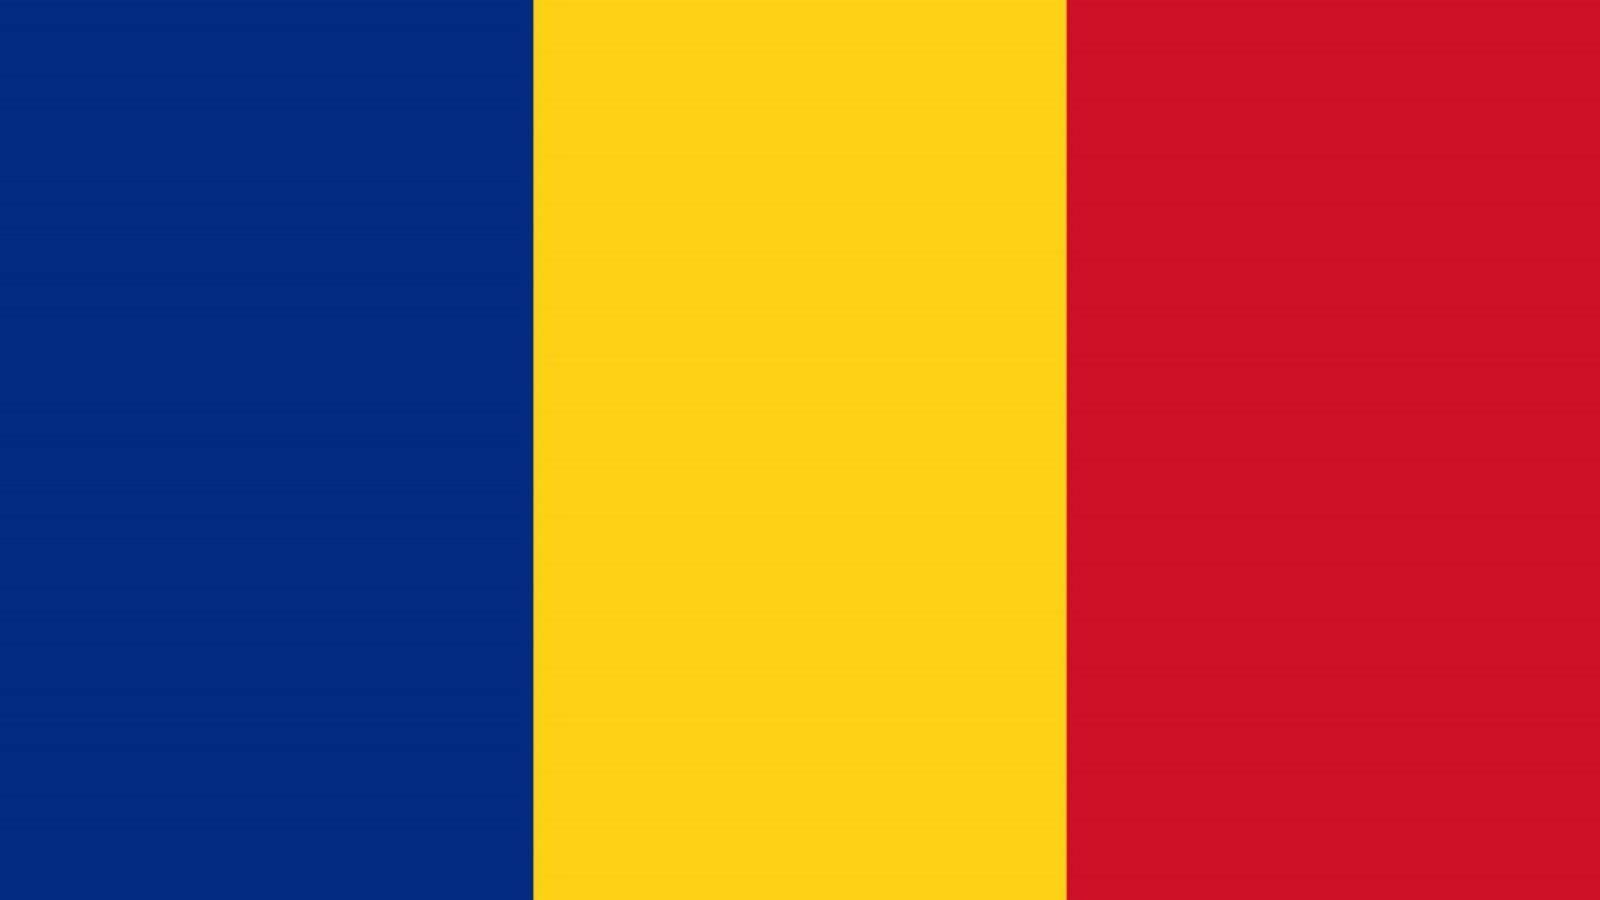 Coronavirus Aproape 1.000.000 de Doze de Vaccin Pfizer BioNTech Ajung in Romania